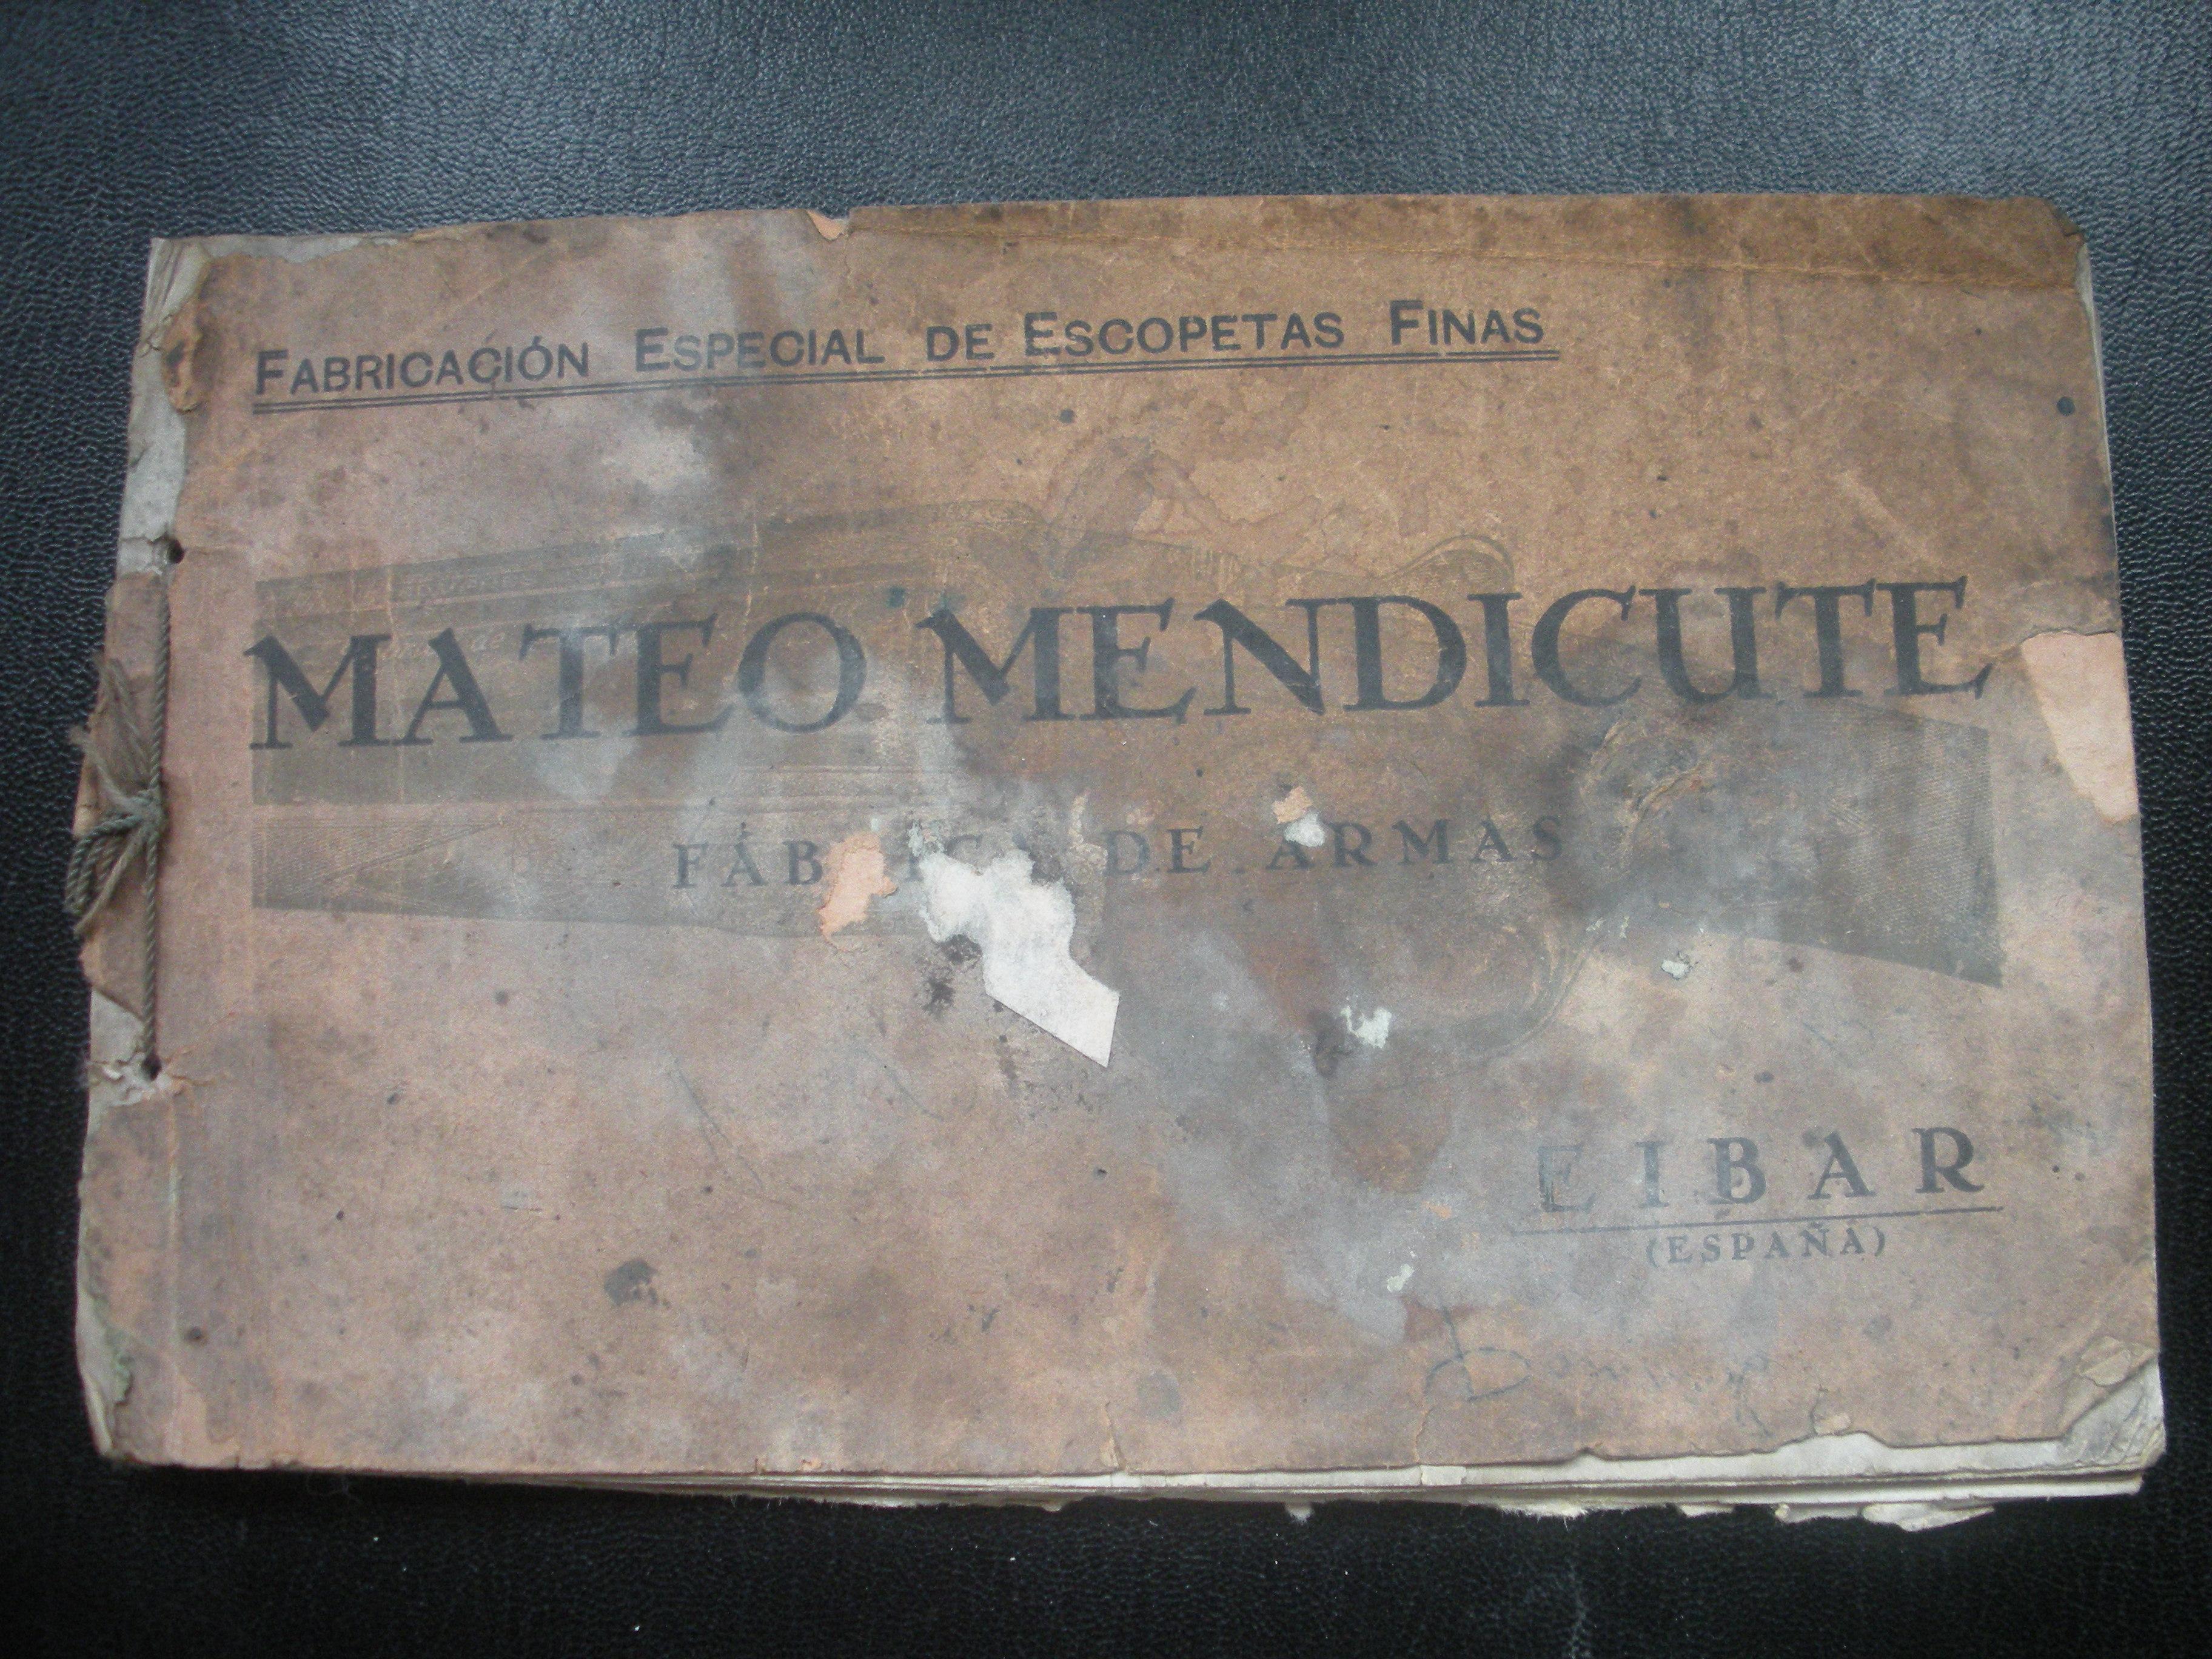 CATÁLOGO DE MATEO MENDICUTE